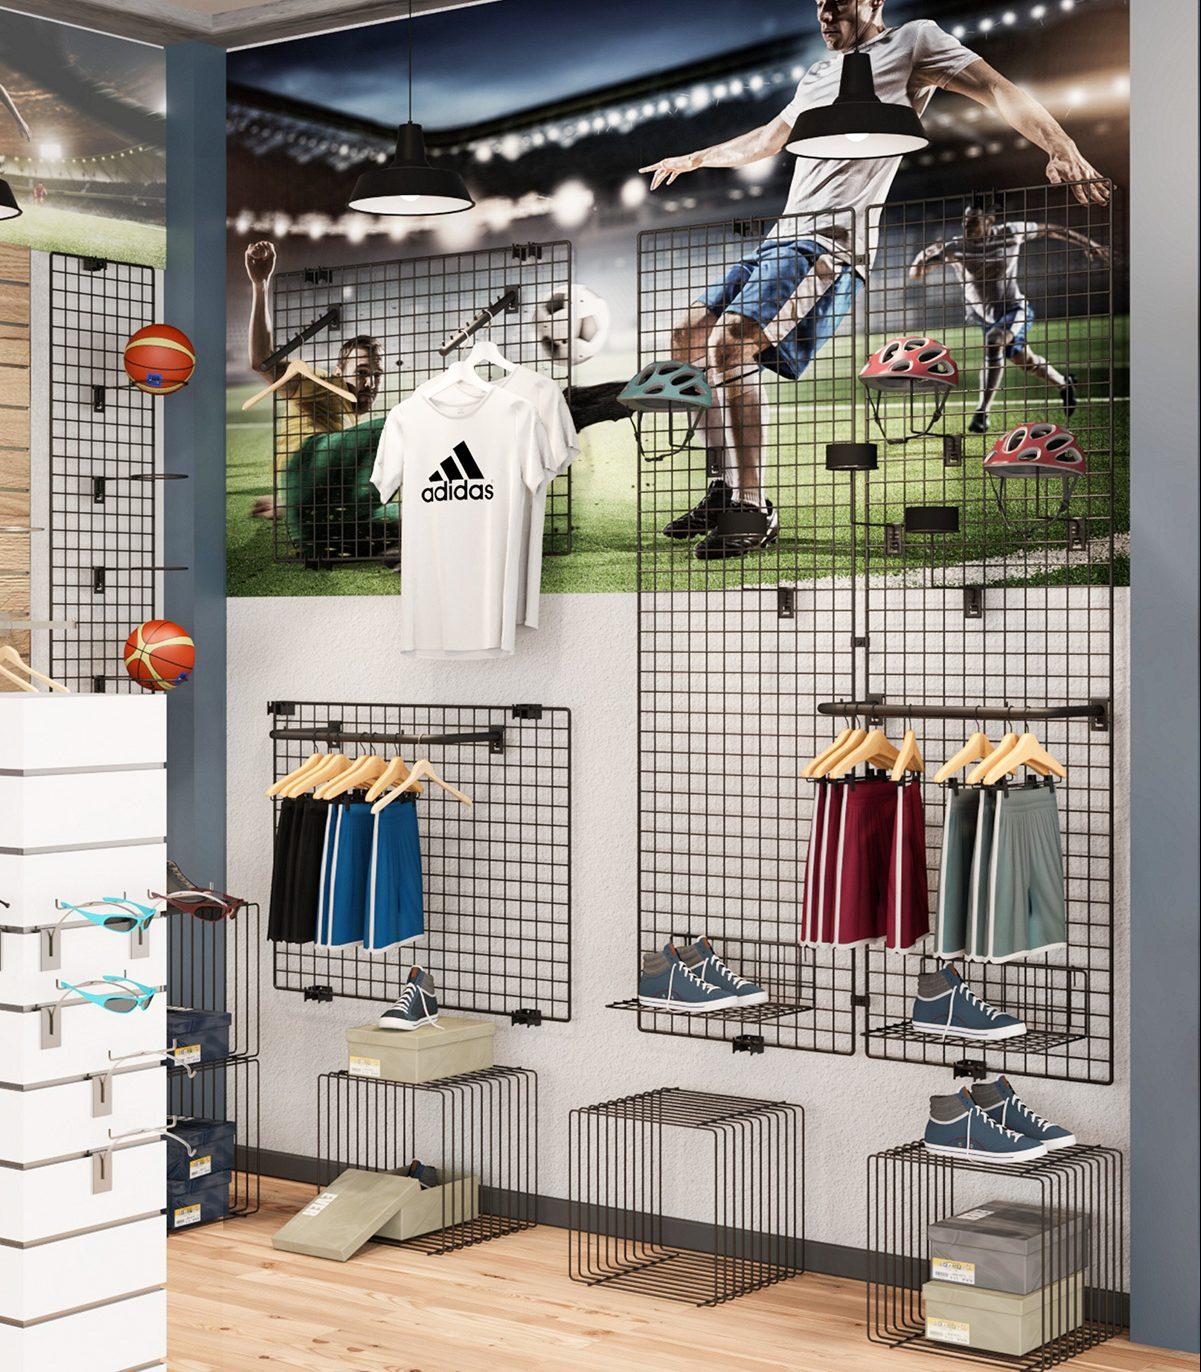 Brilliant Schaufensterdekoration Beispiele Beste Wahl Ladeneinrichtungselemente Passend Sportlich Gestalten